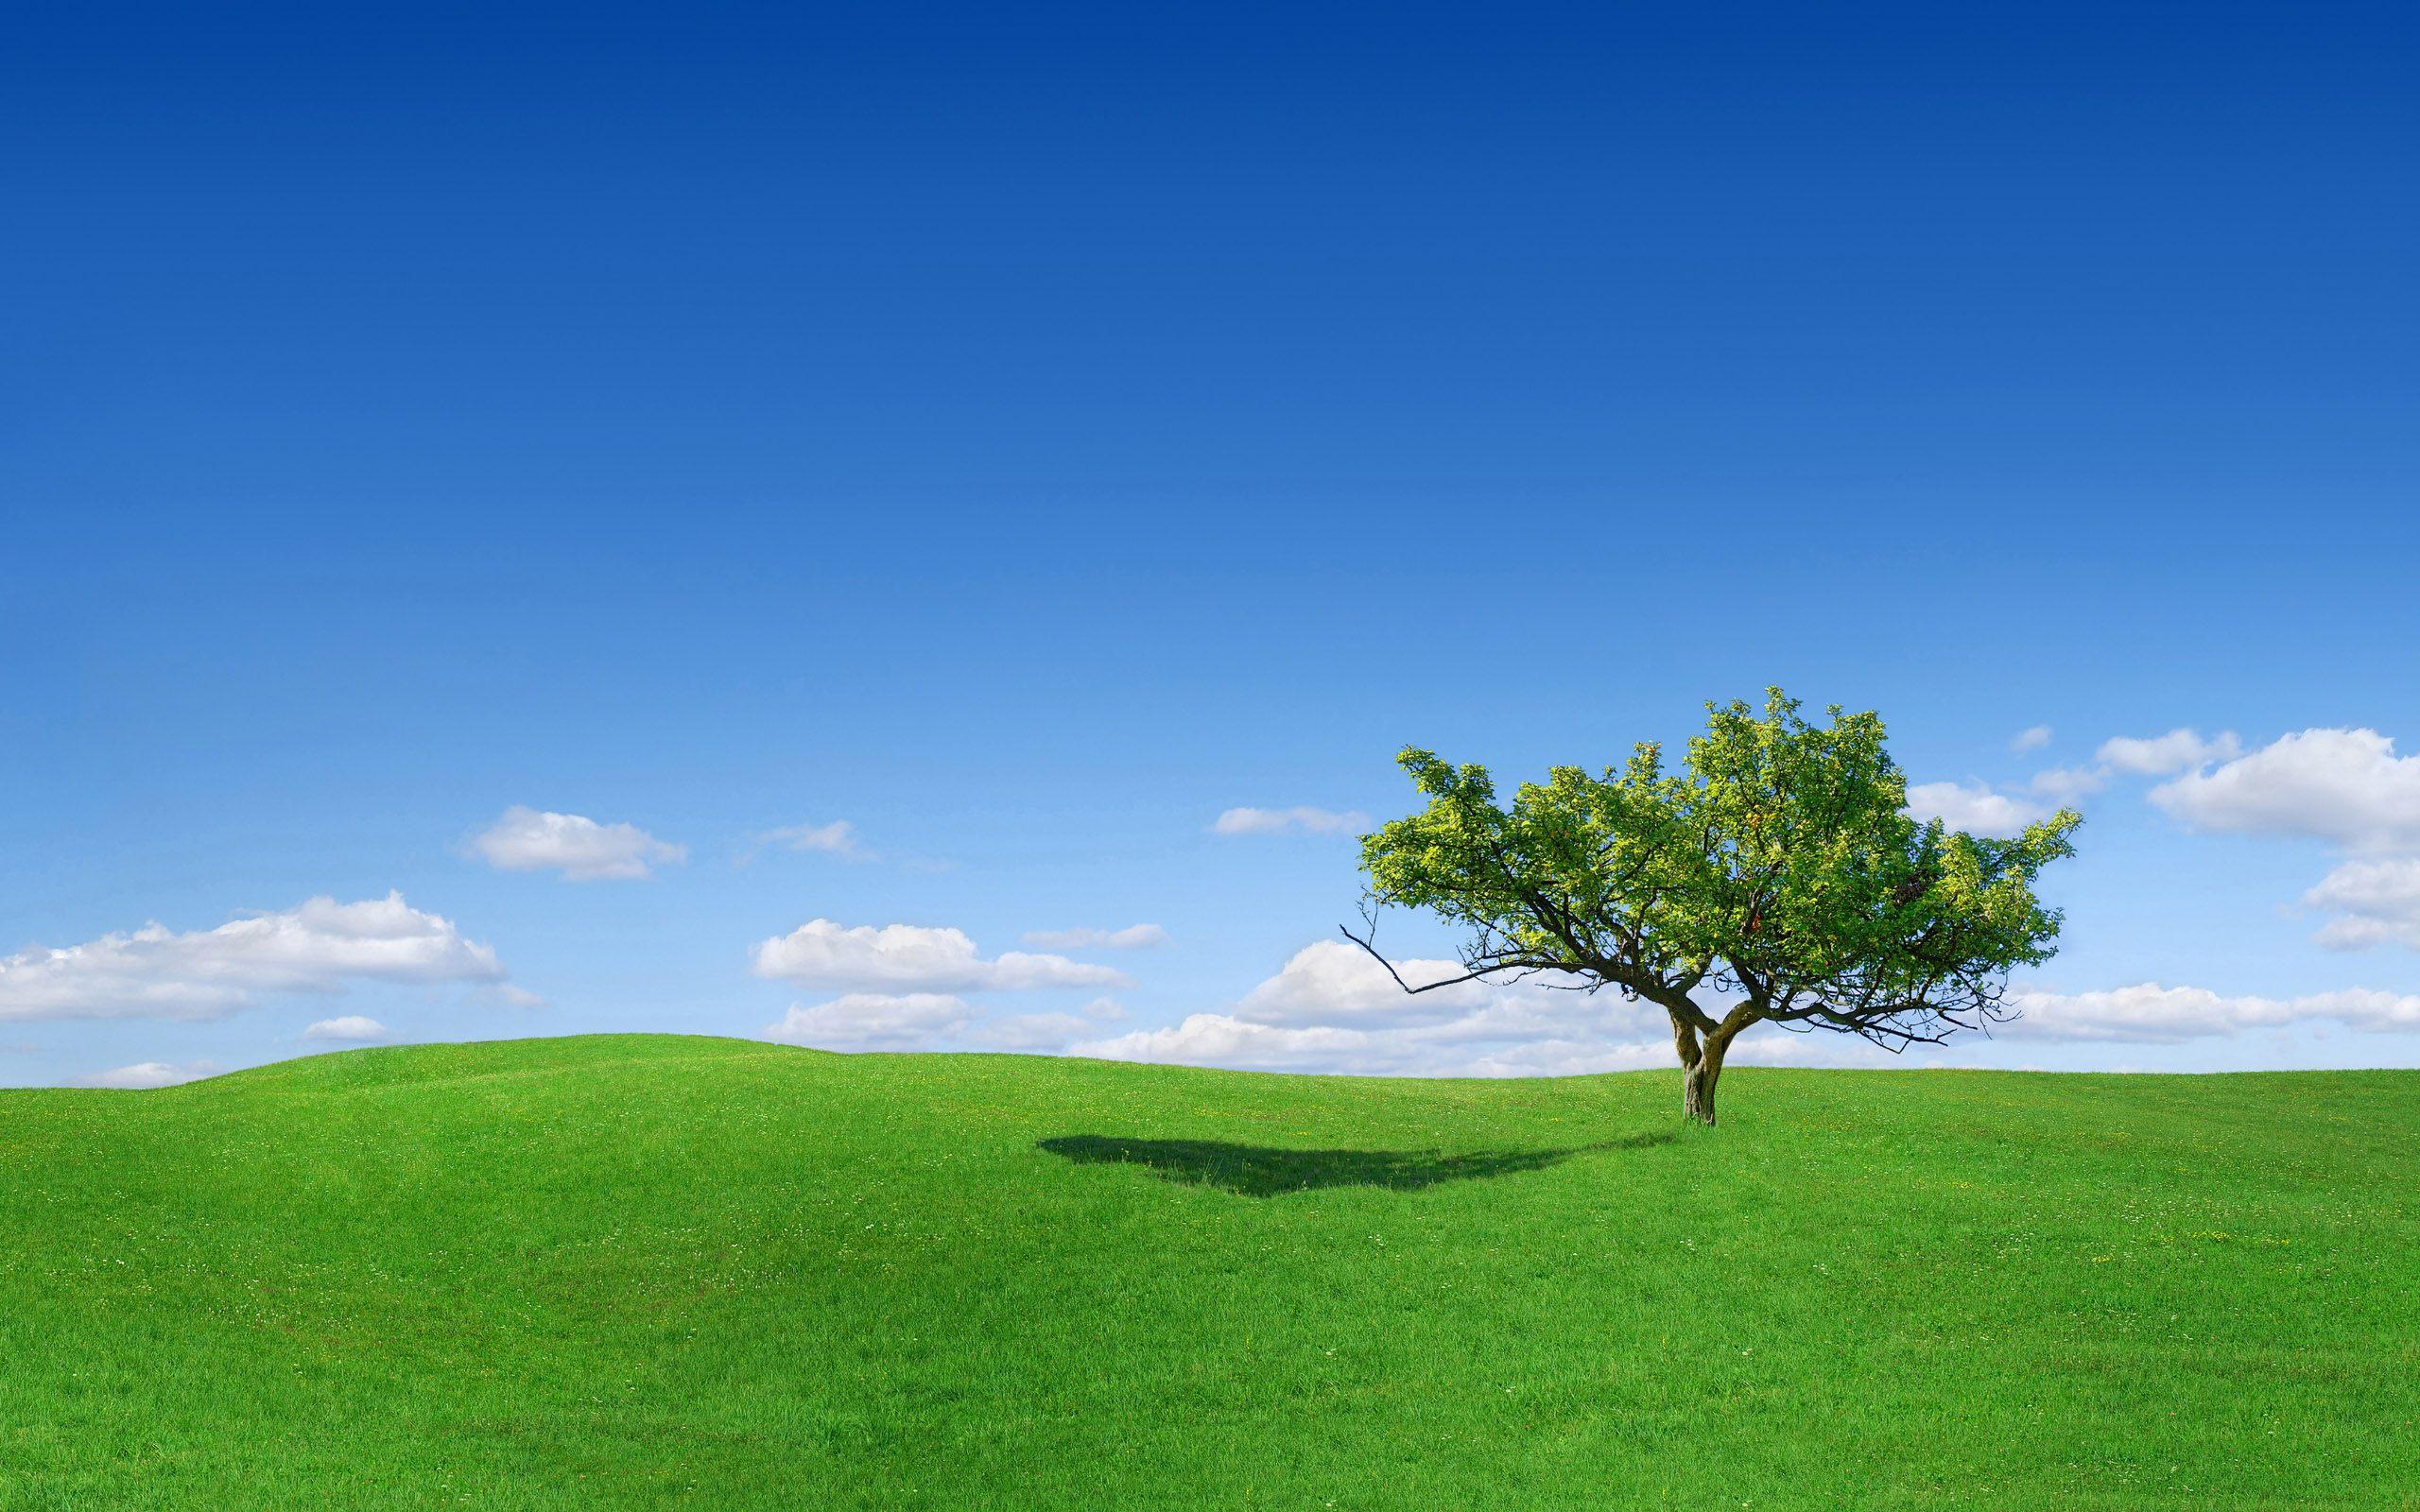 Скачать обои деревья, дерево, трава, поле, небо, фото, обои, пейзажи